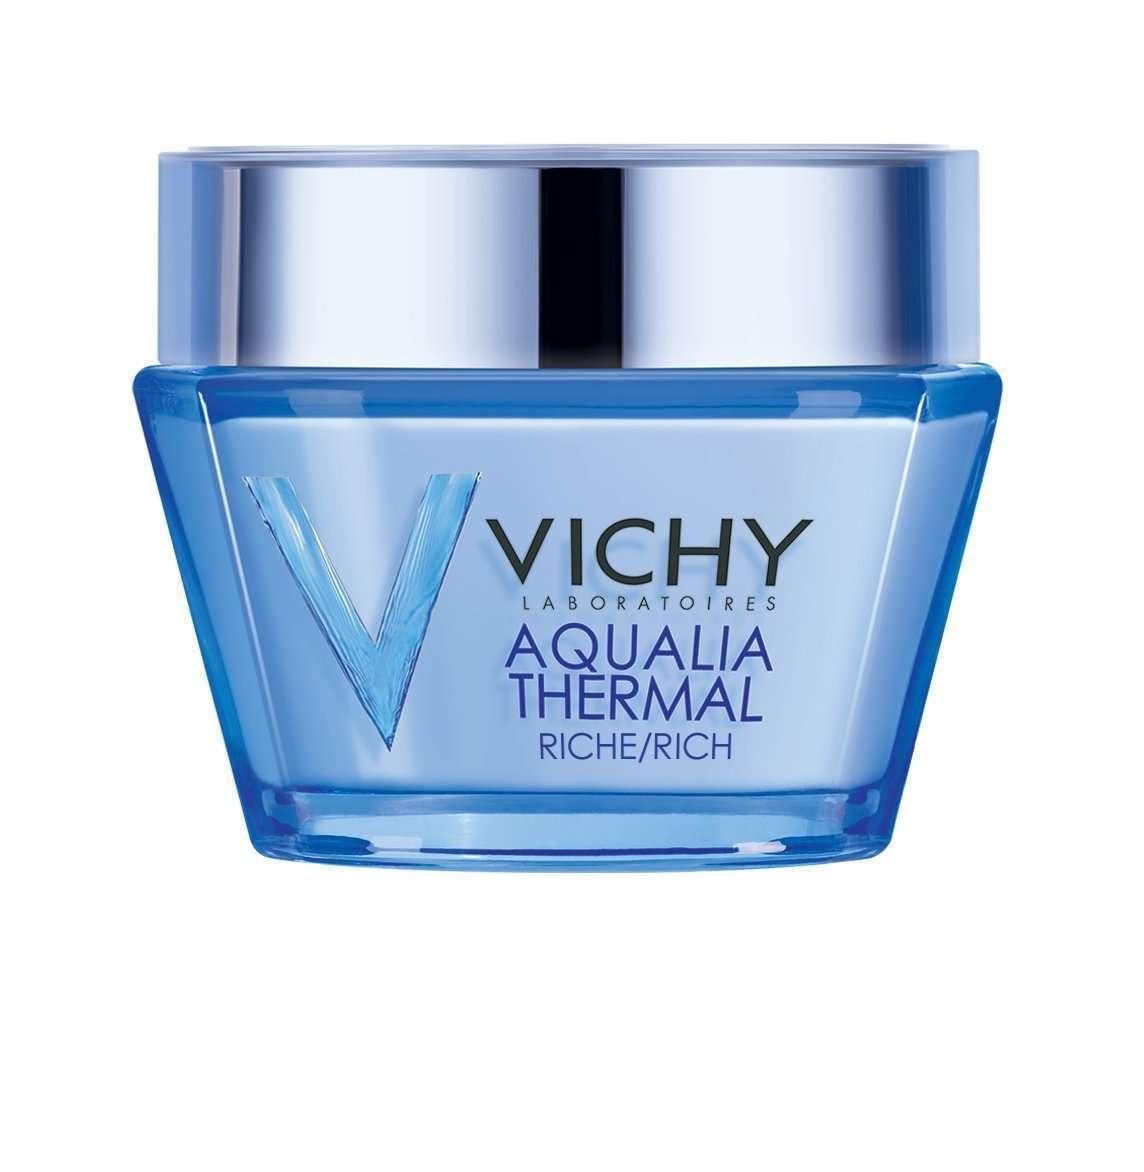 Aqualia Thermal Vichy